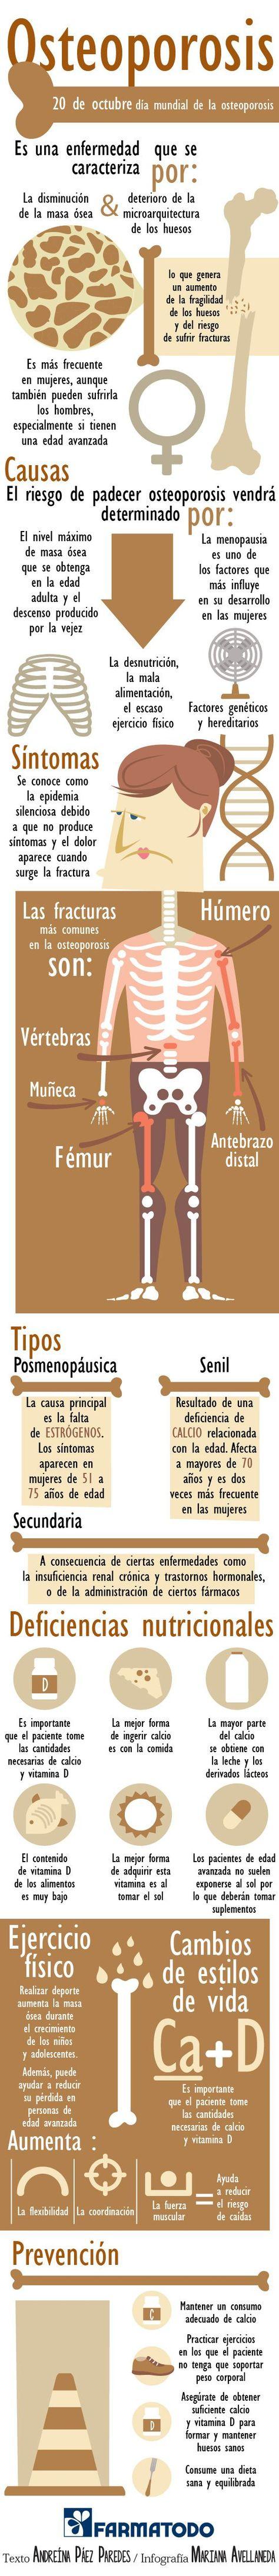 34++ Factores de riesgo para padecer osteoporosis viral